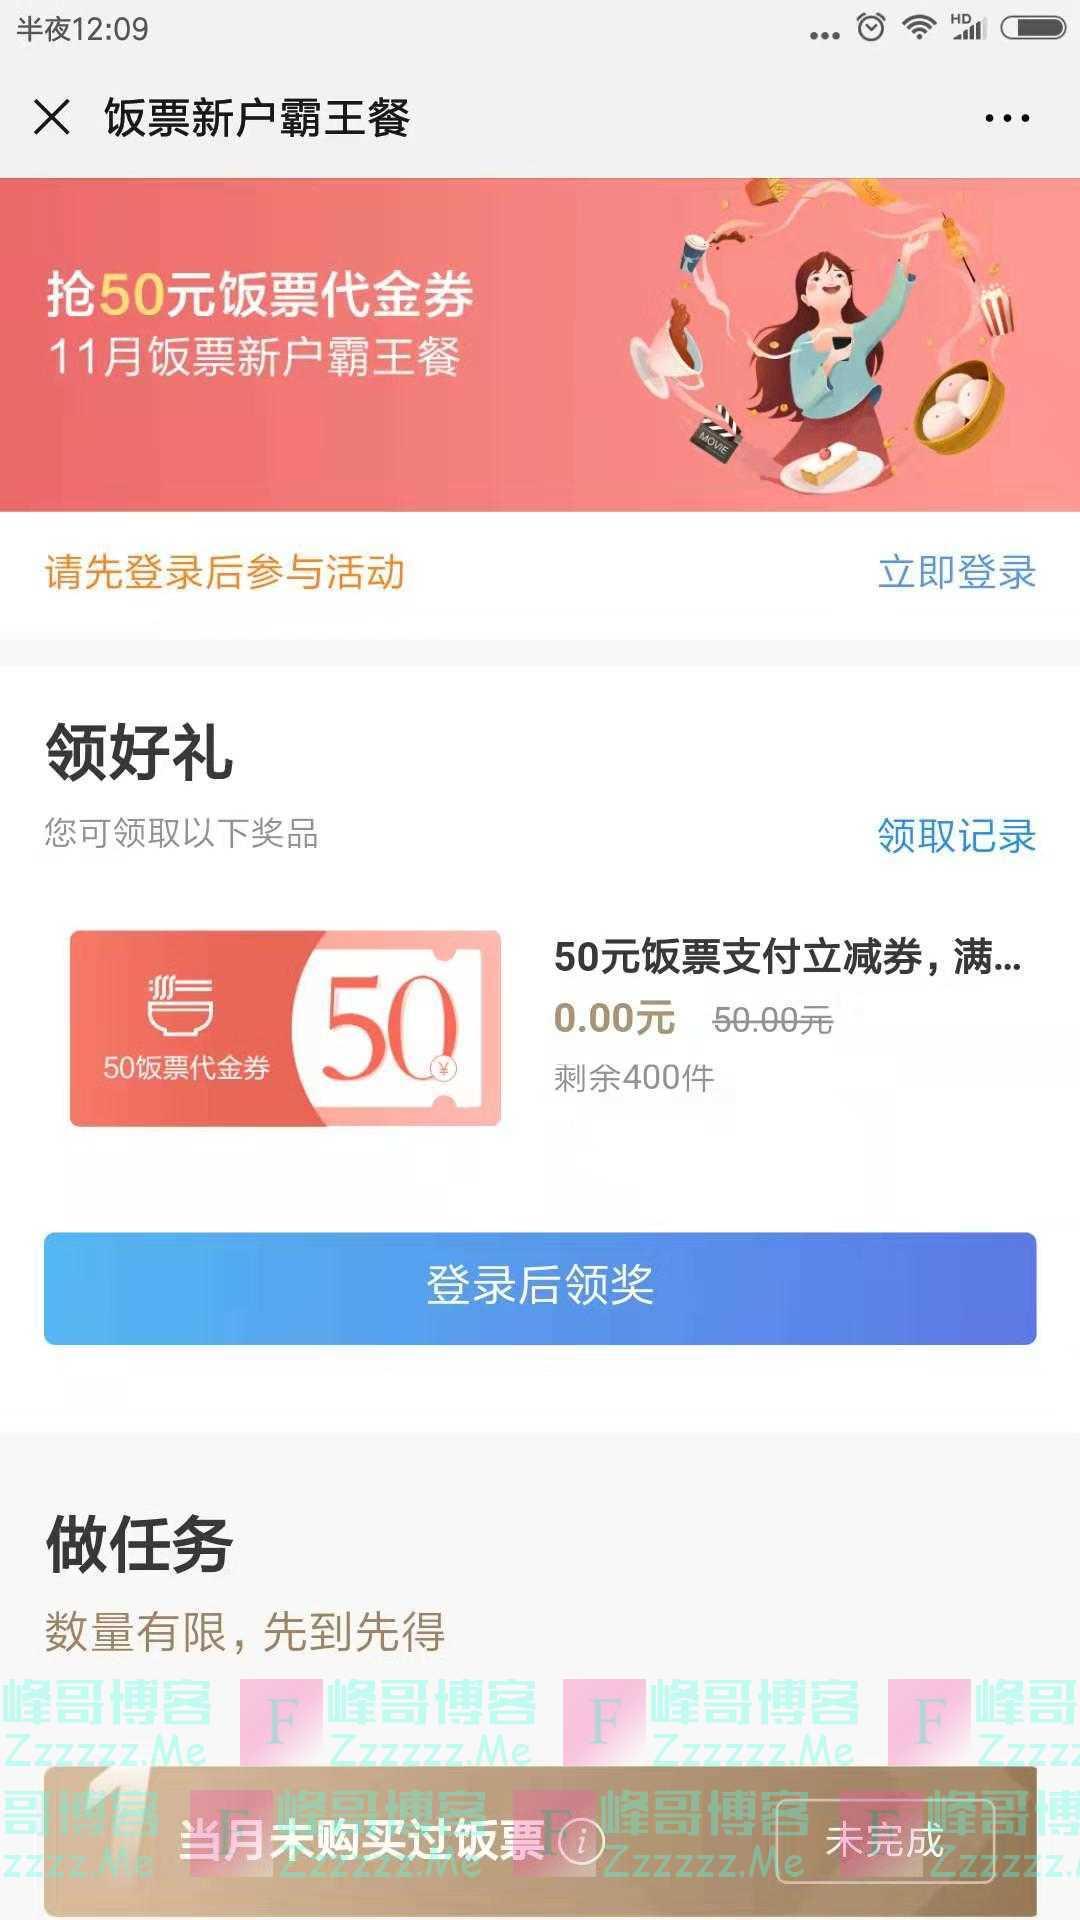 招行11月饭票新户霸王餐1(截止11月12日)